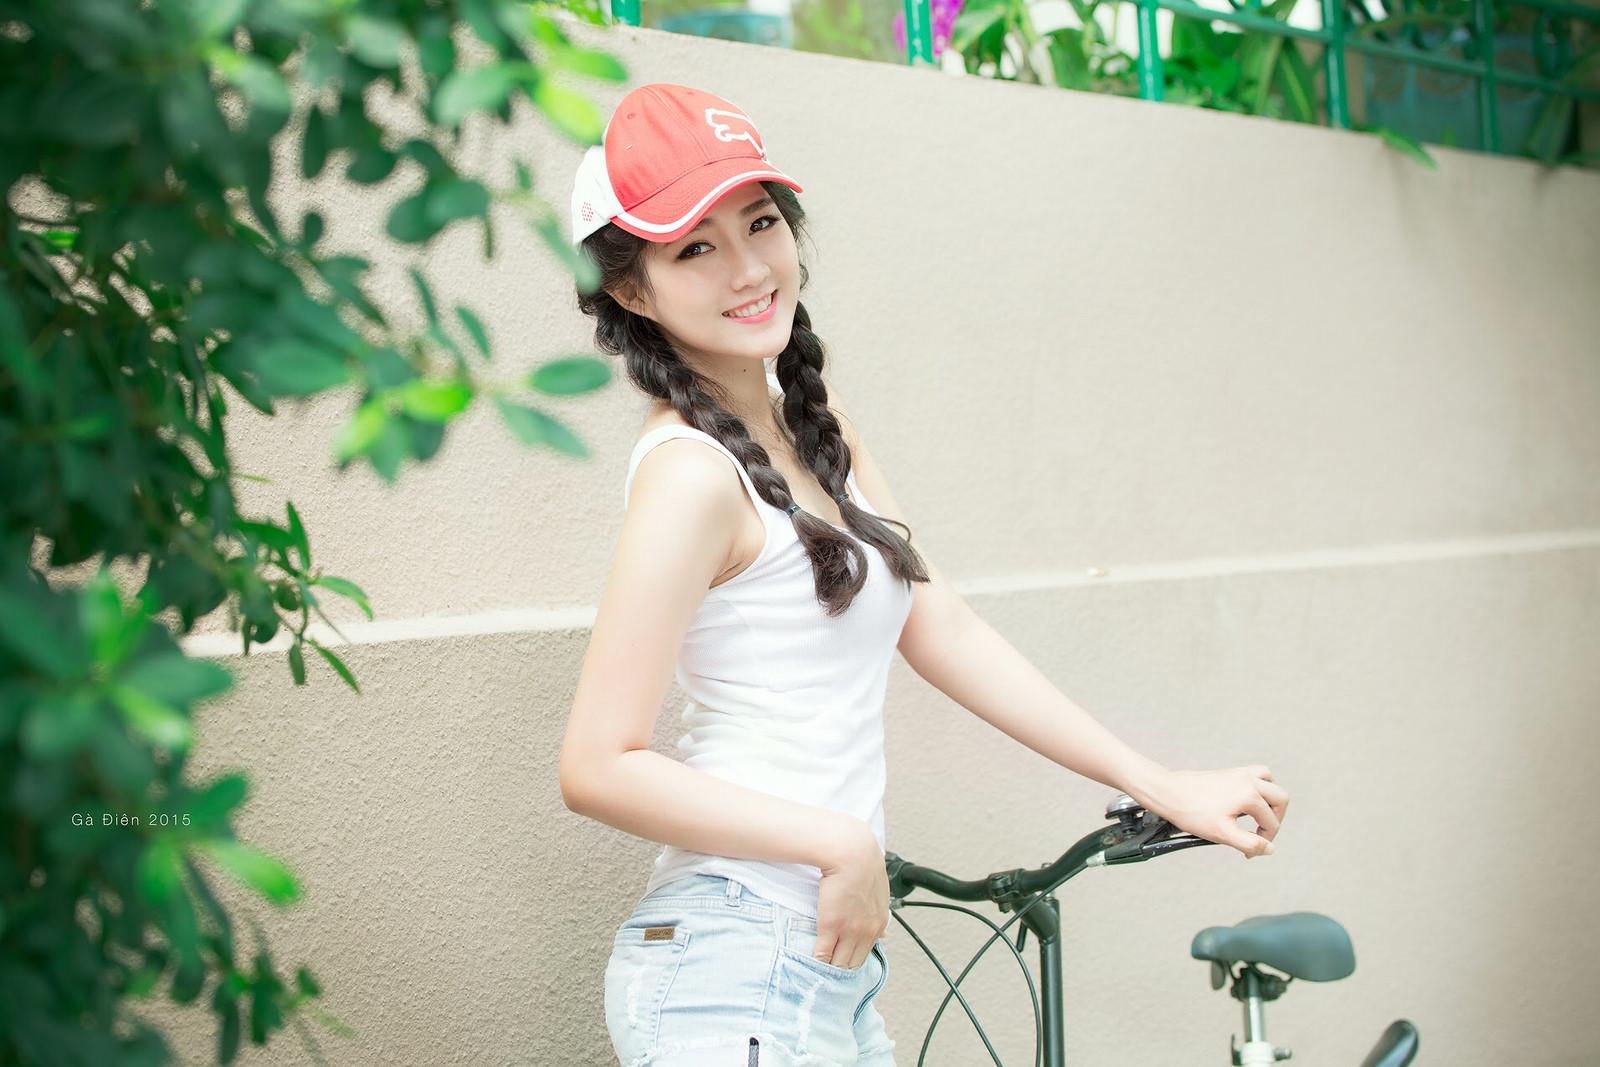 Nguyen Hoang Kieu Trinh Beautiful